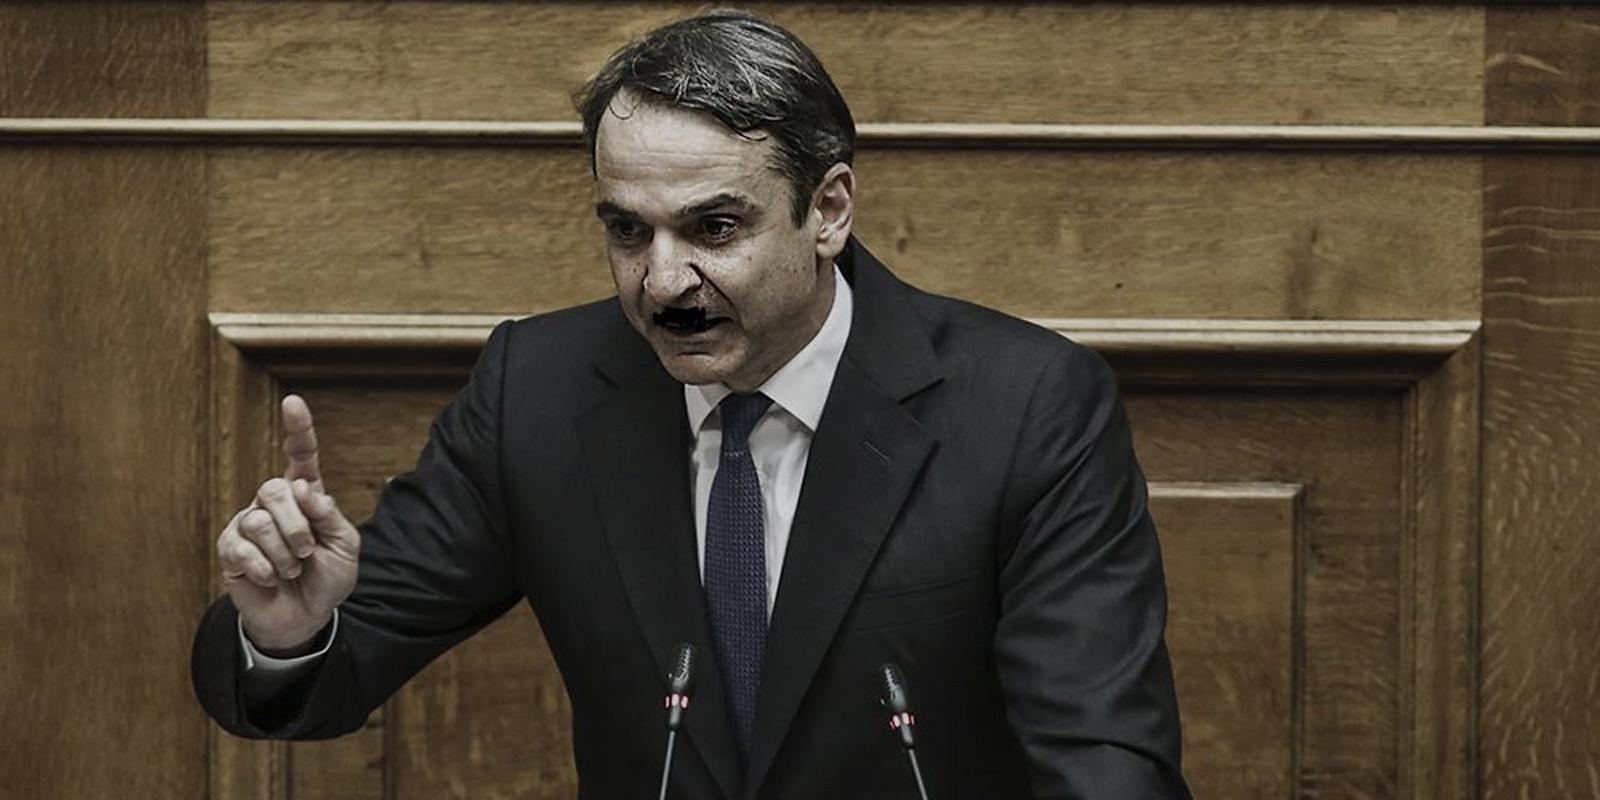 """Κυριάκος Μητσοτάκης """"Φόρος 9% στους φτωχούς από το πρώτο ευρώ και φόρος 5% στα μερίσματα των πλουσίων"""" – ΕΙΝΑΙ ΑΔΙΚΟ ΘΑ ΤΟ ΚΑΝΟΥΜΕ ΠΡΑΞΗ #Αξίζουμε_καλύτερα #Ελλάδα_μπορούμε [ΒΙΝΤΕΟ]"""